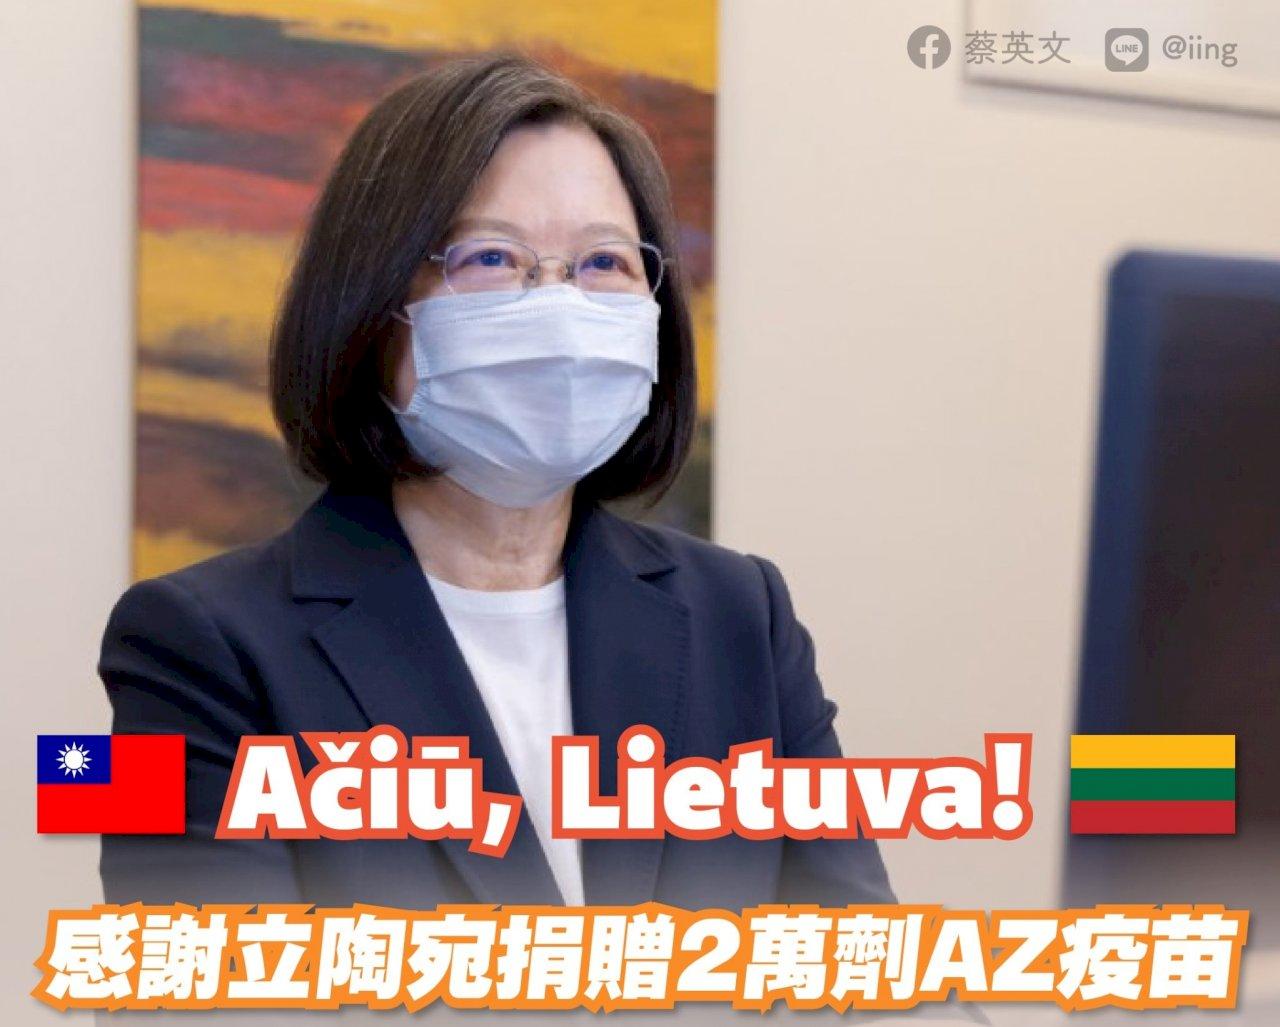 立陶宛贈台疫苗 總統副總統:民主夥伴互相扶持